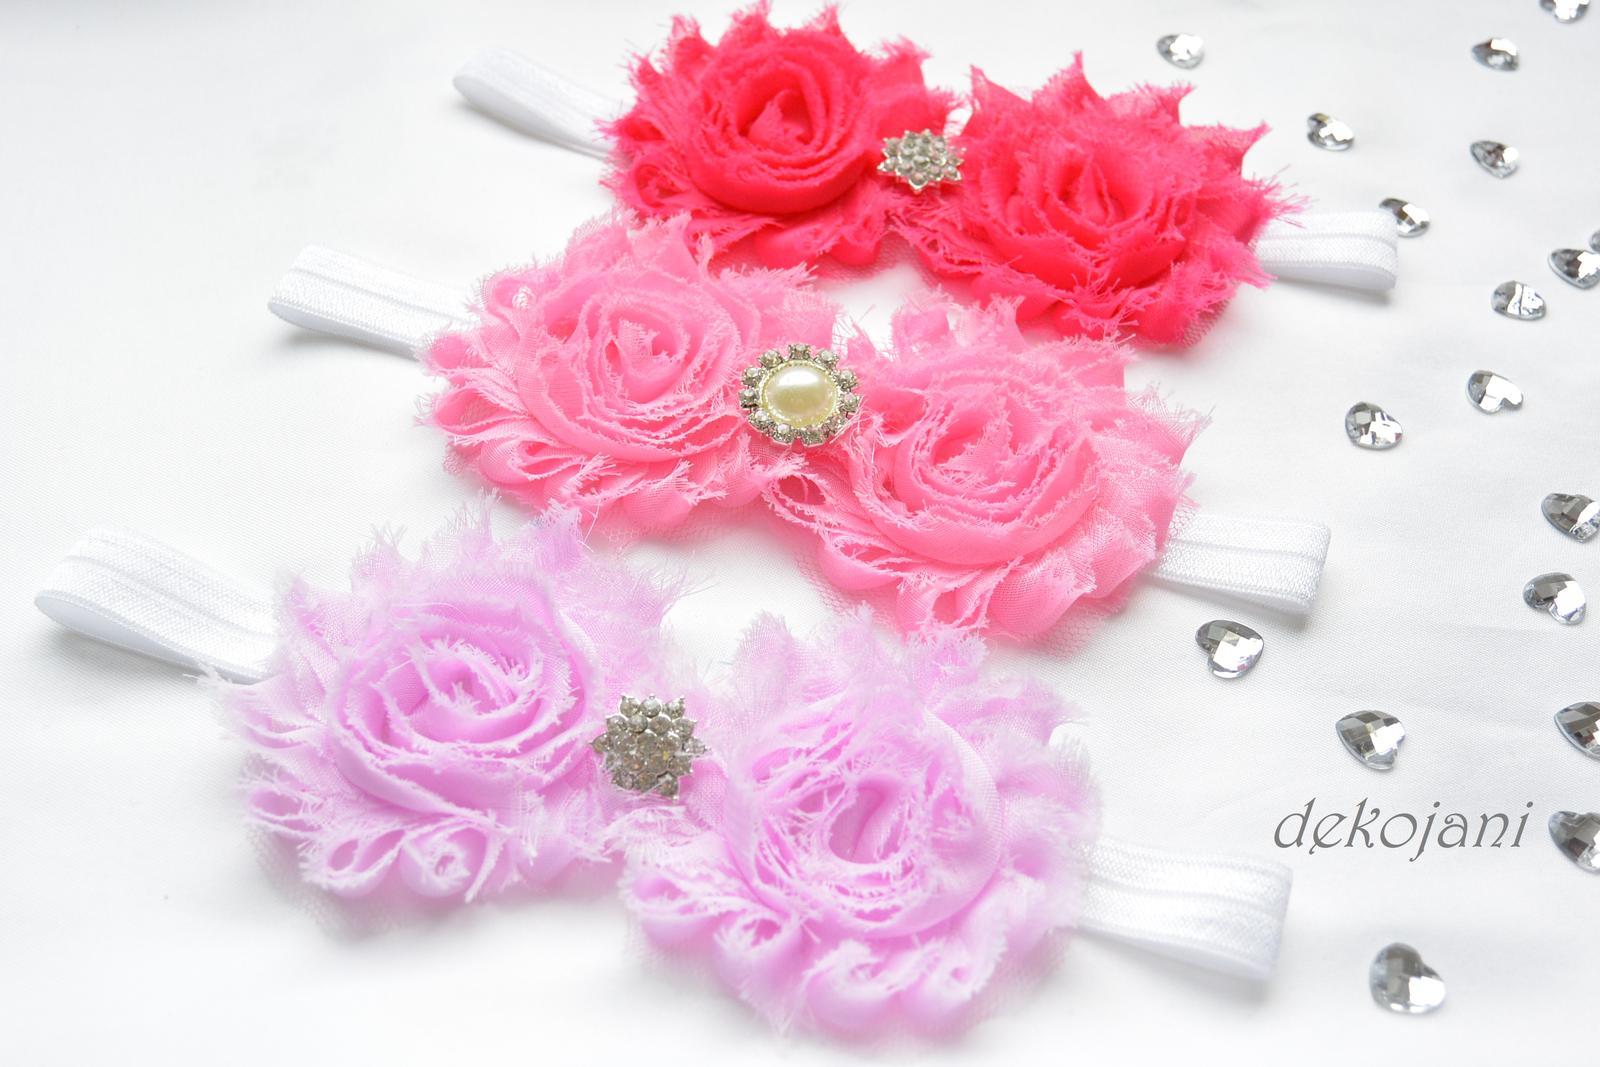 Čelenky, květiny do vlasů, náramky, obojek pro pejska... - Obrázek č. 13